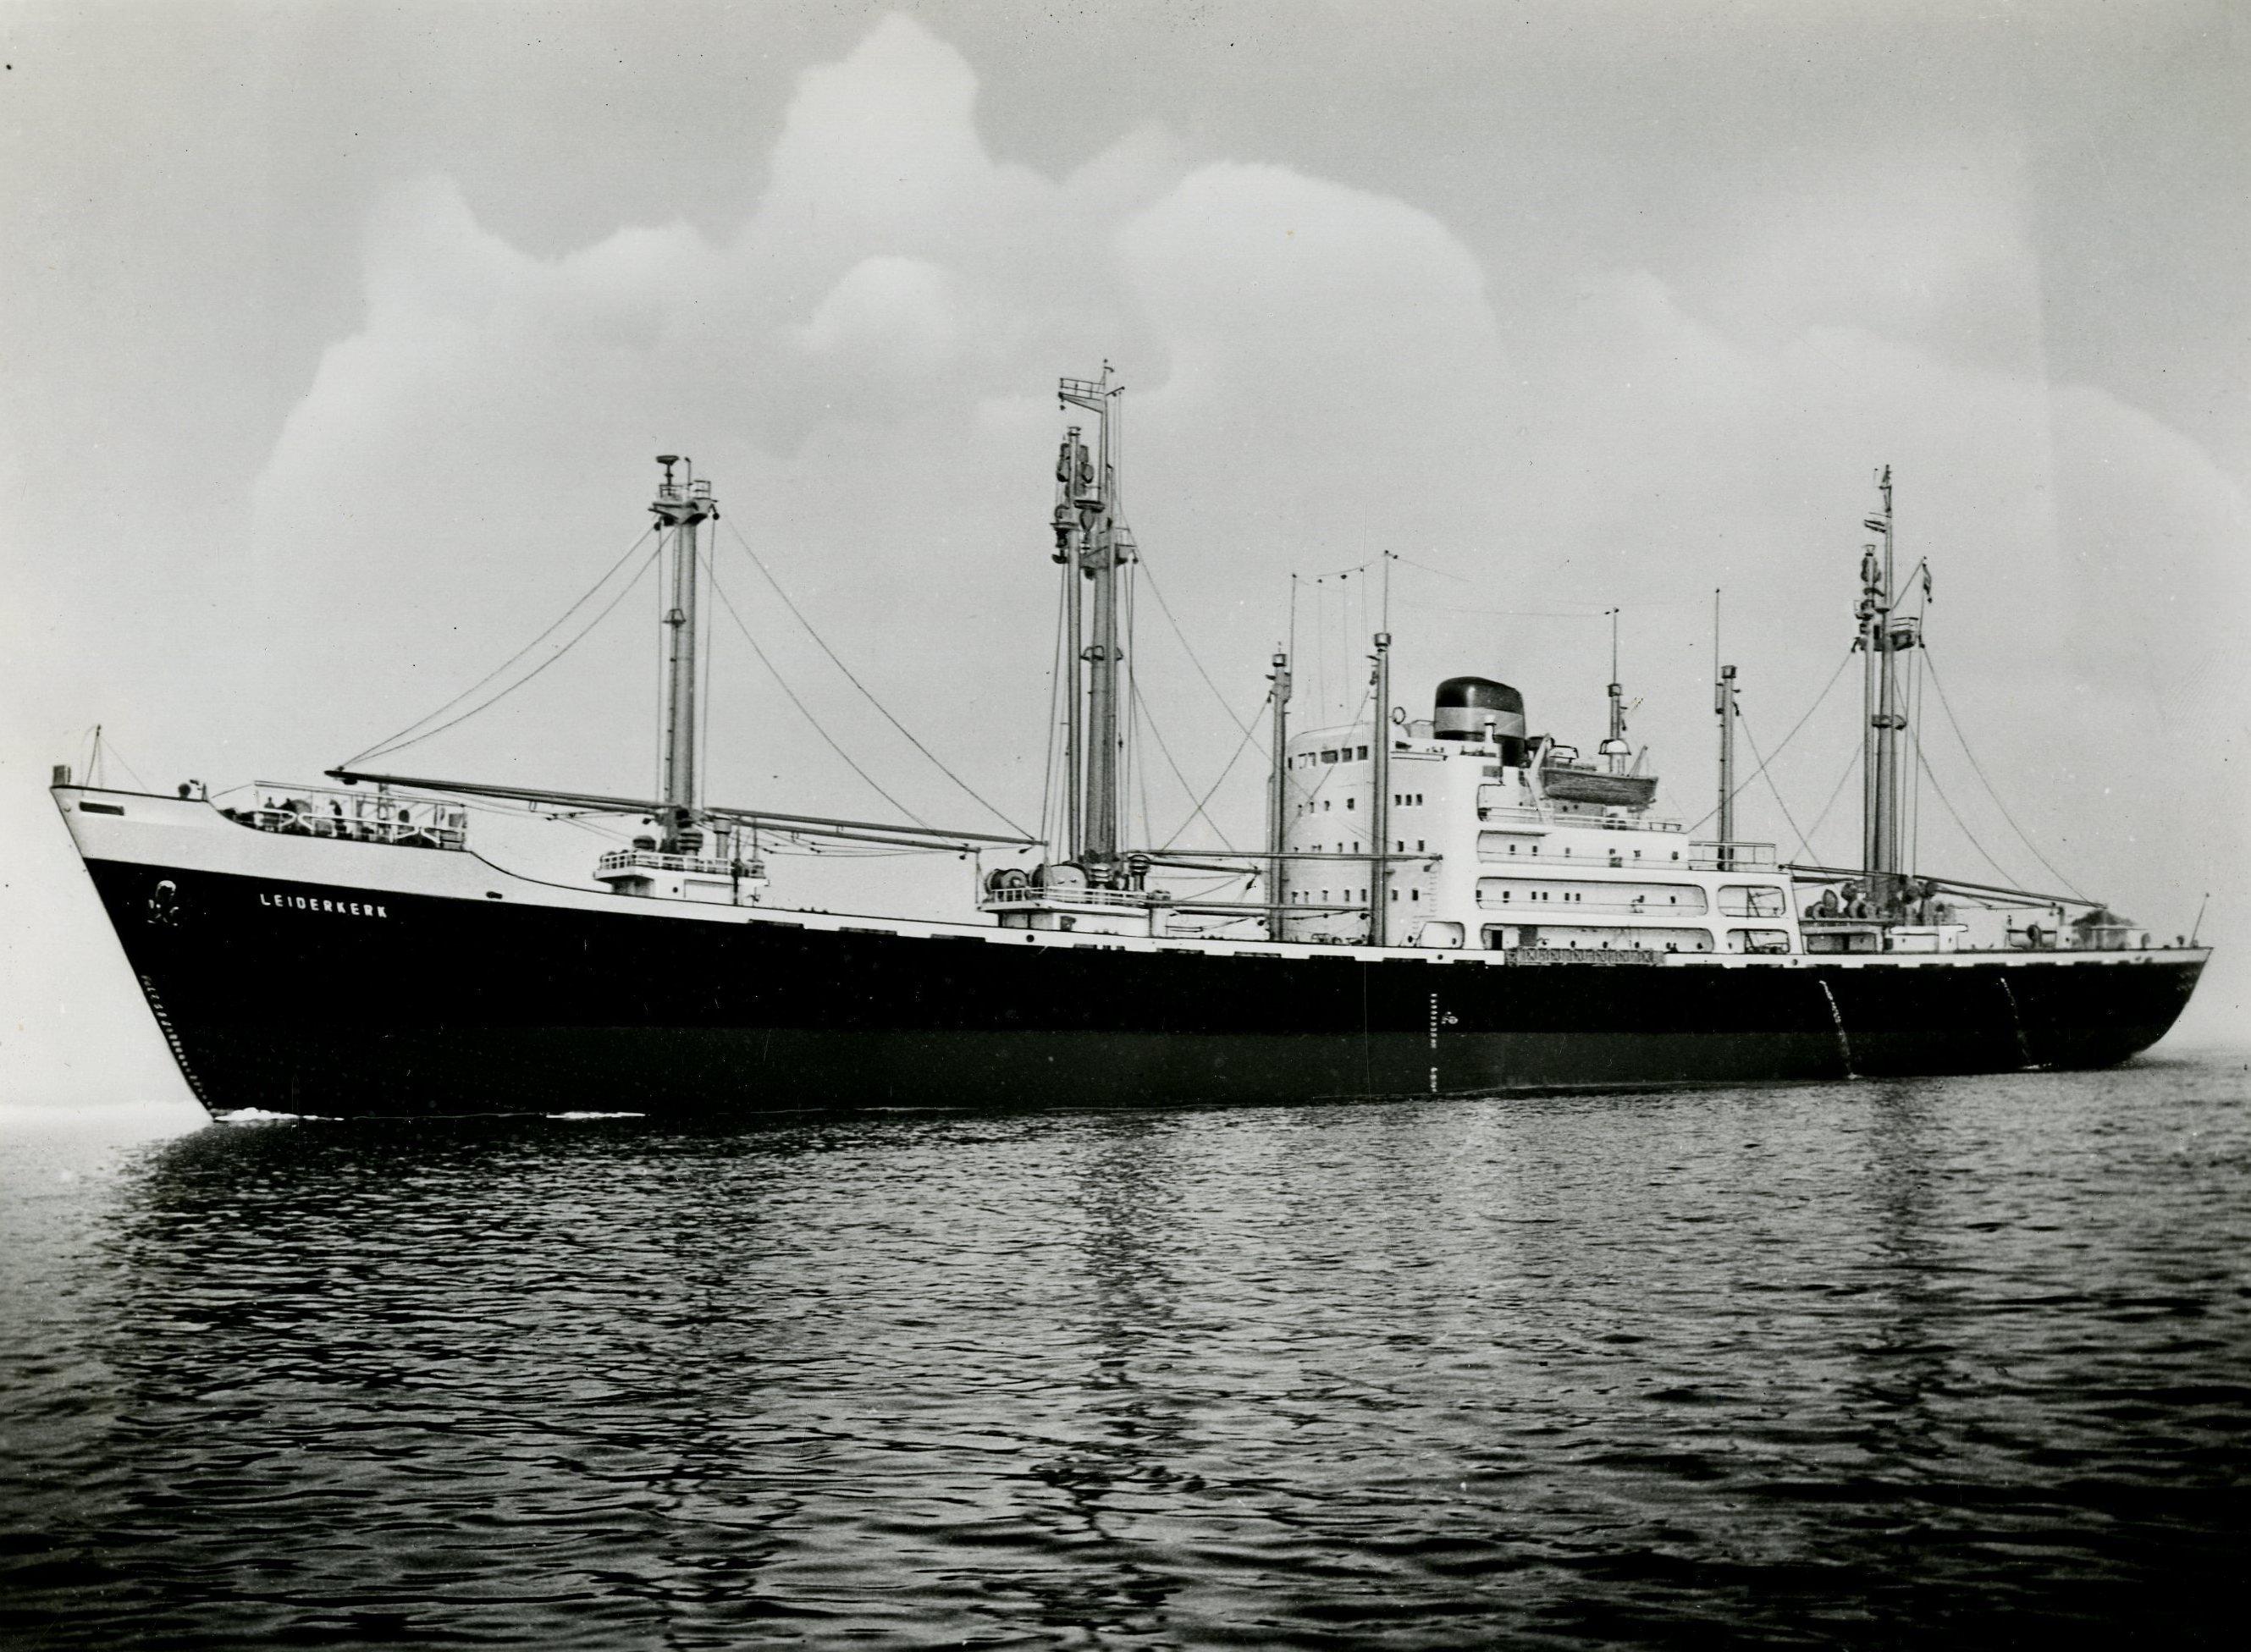 Bnr. 127 Leiderkerk (1959)